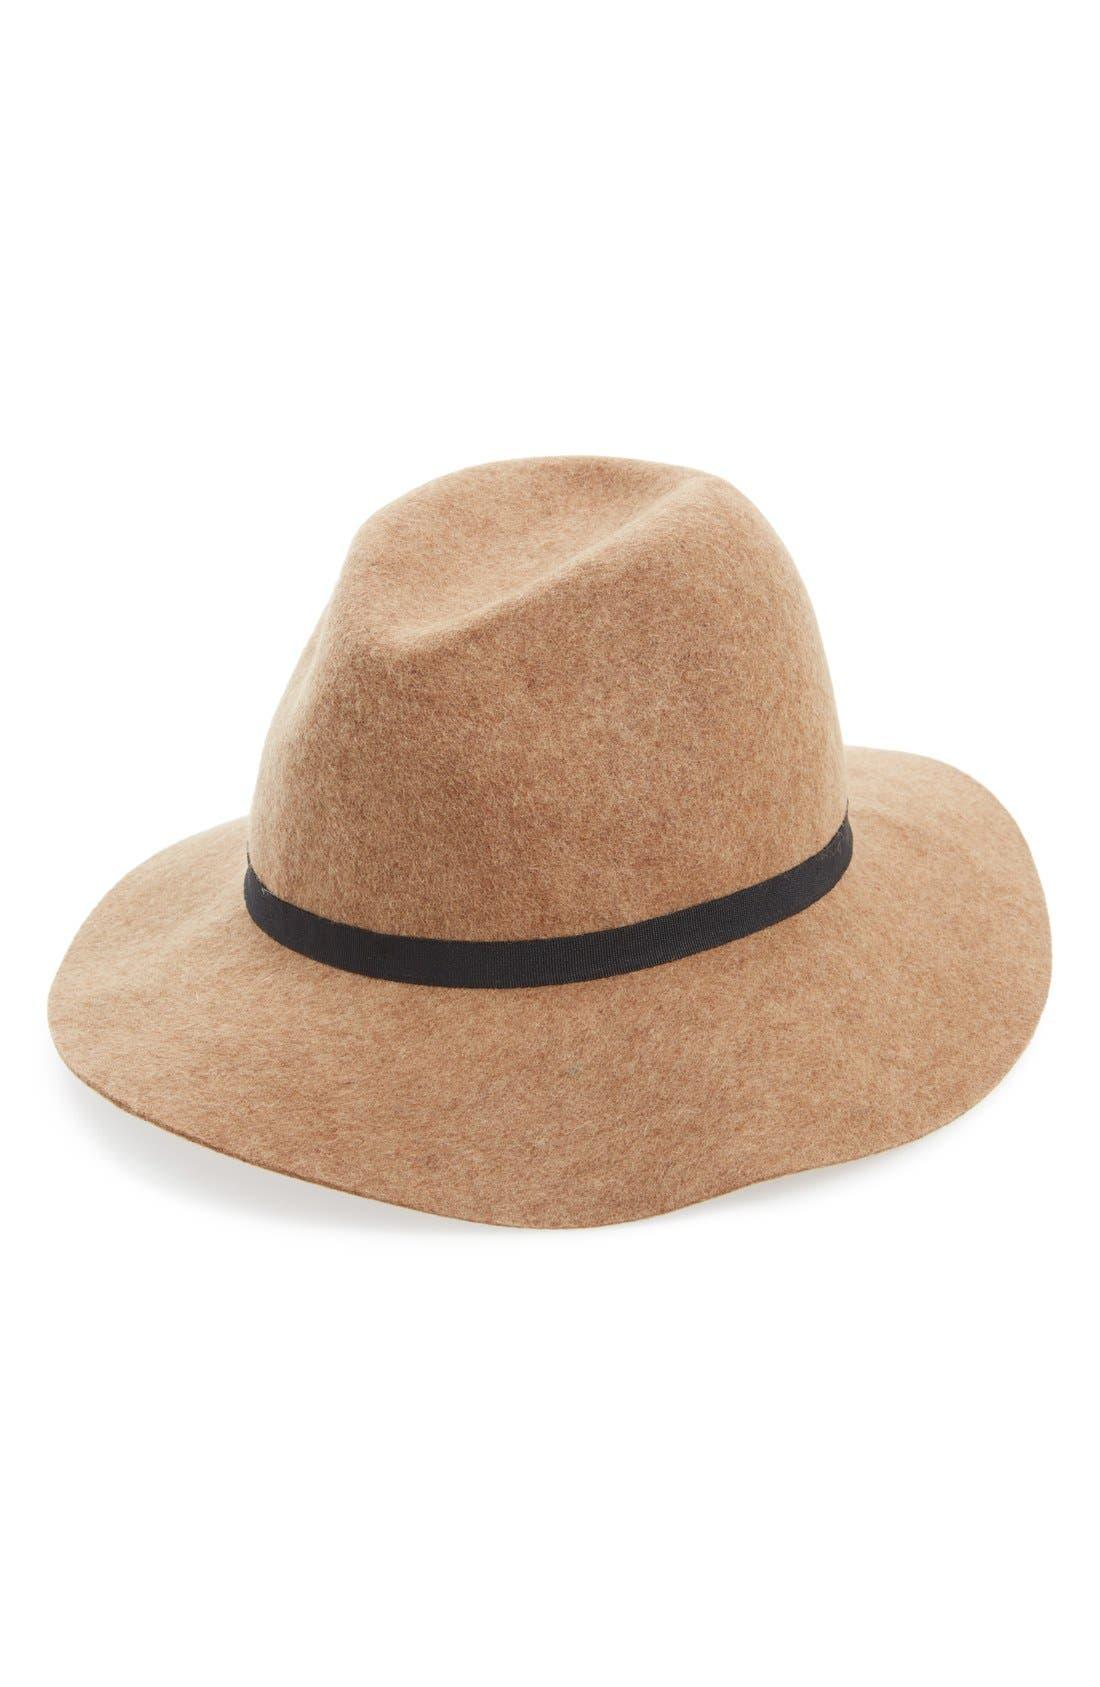 Main Image - Hinge Wool Felt Panama Hat